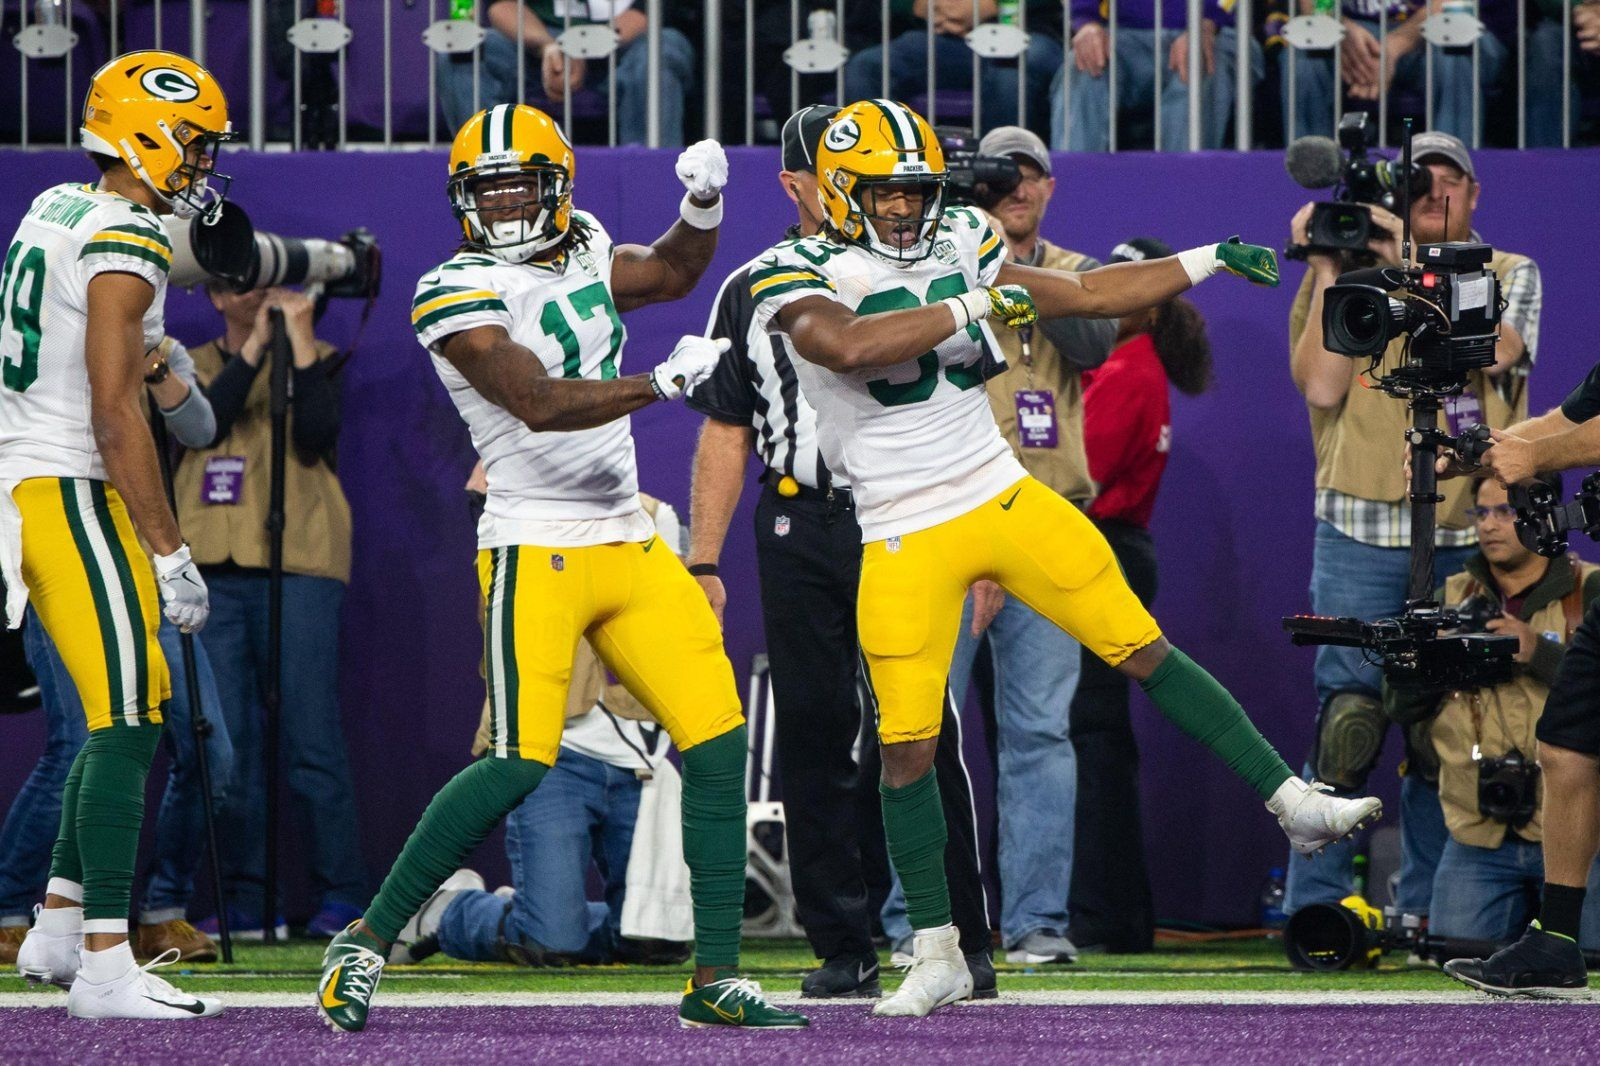 Week 2 Packers Vs Vikings Here S Your Vikings Memes With Images Packers Vs Vikings Packers Viking Meme